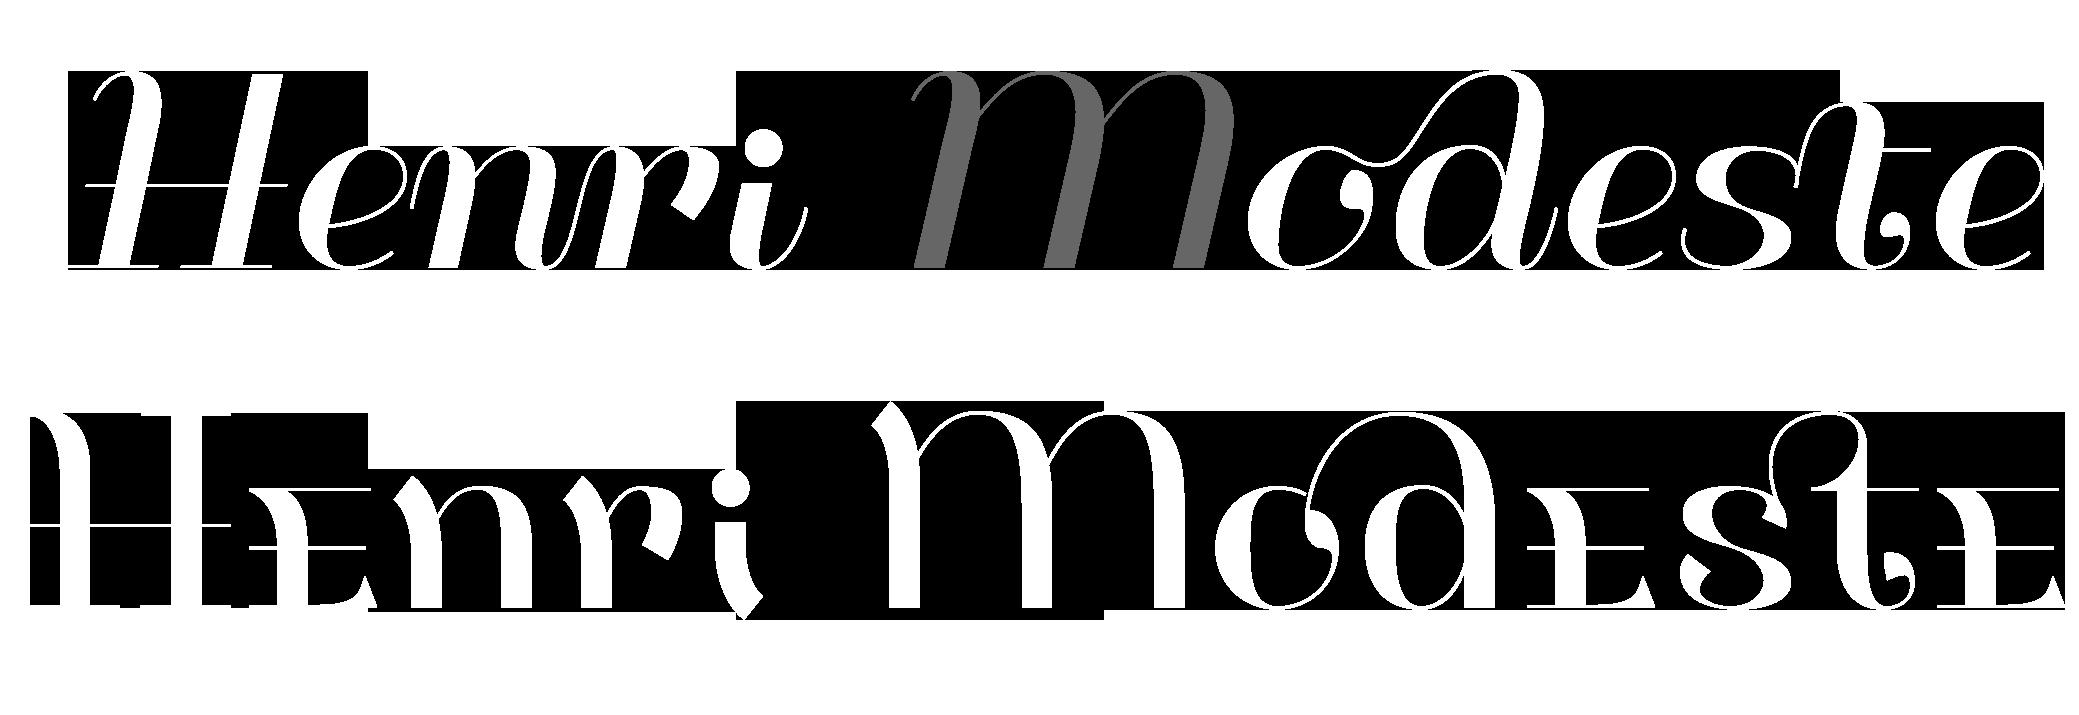 Henri-Modeste